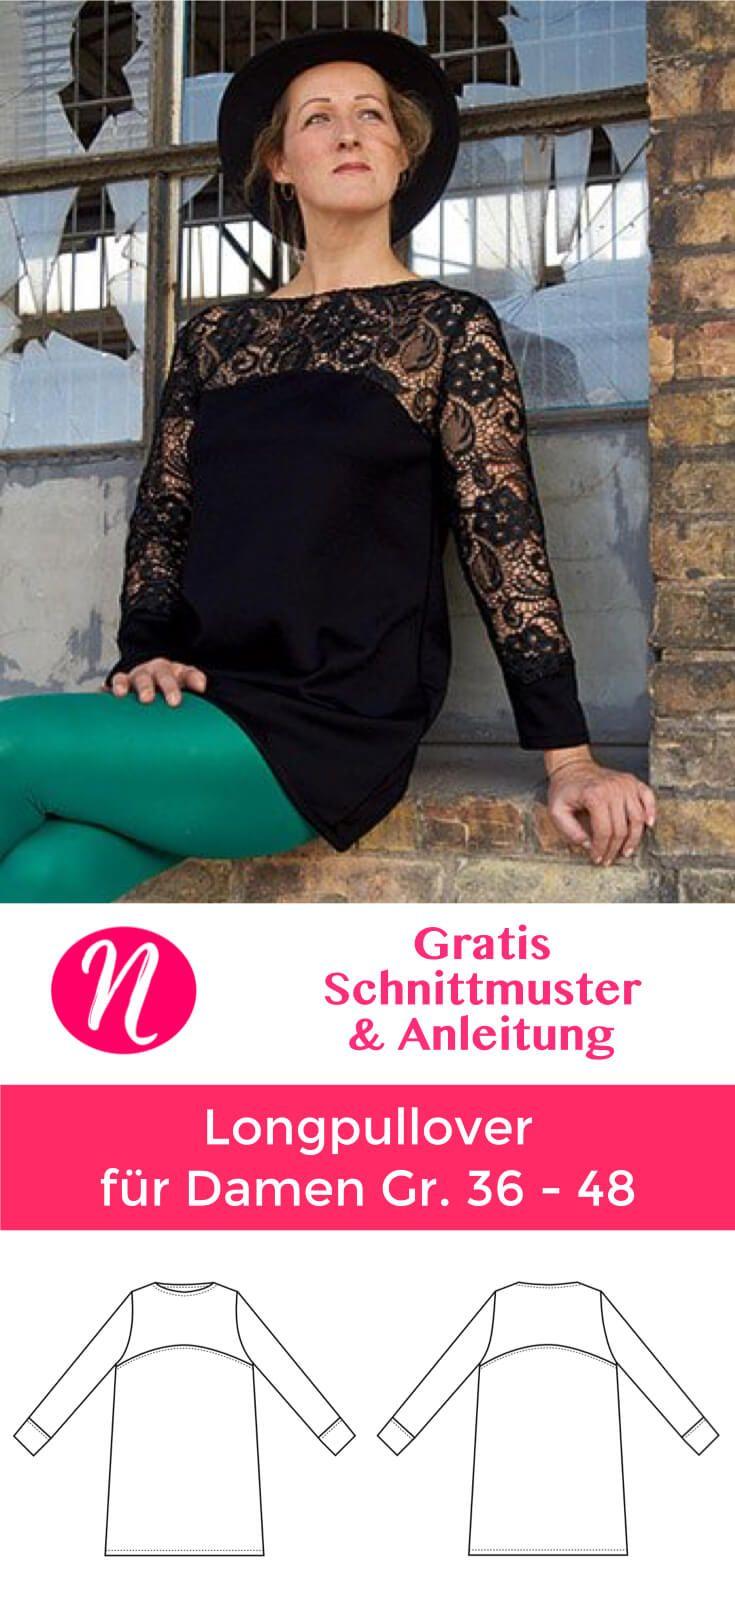 Longpullover mit Spitze | Für damen, Nähe und Drucken